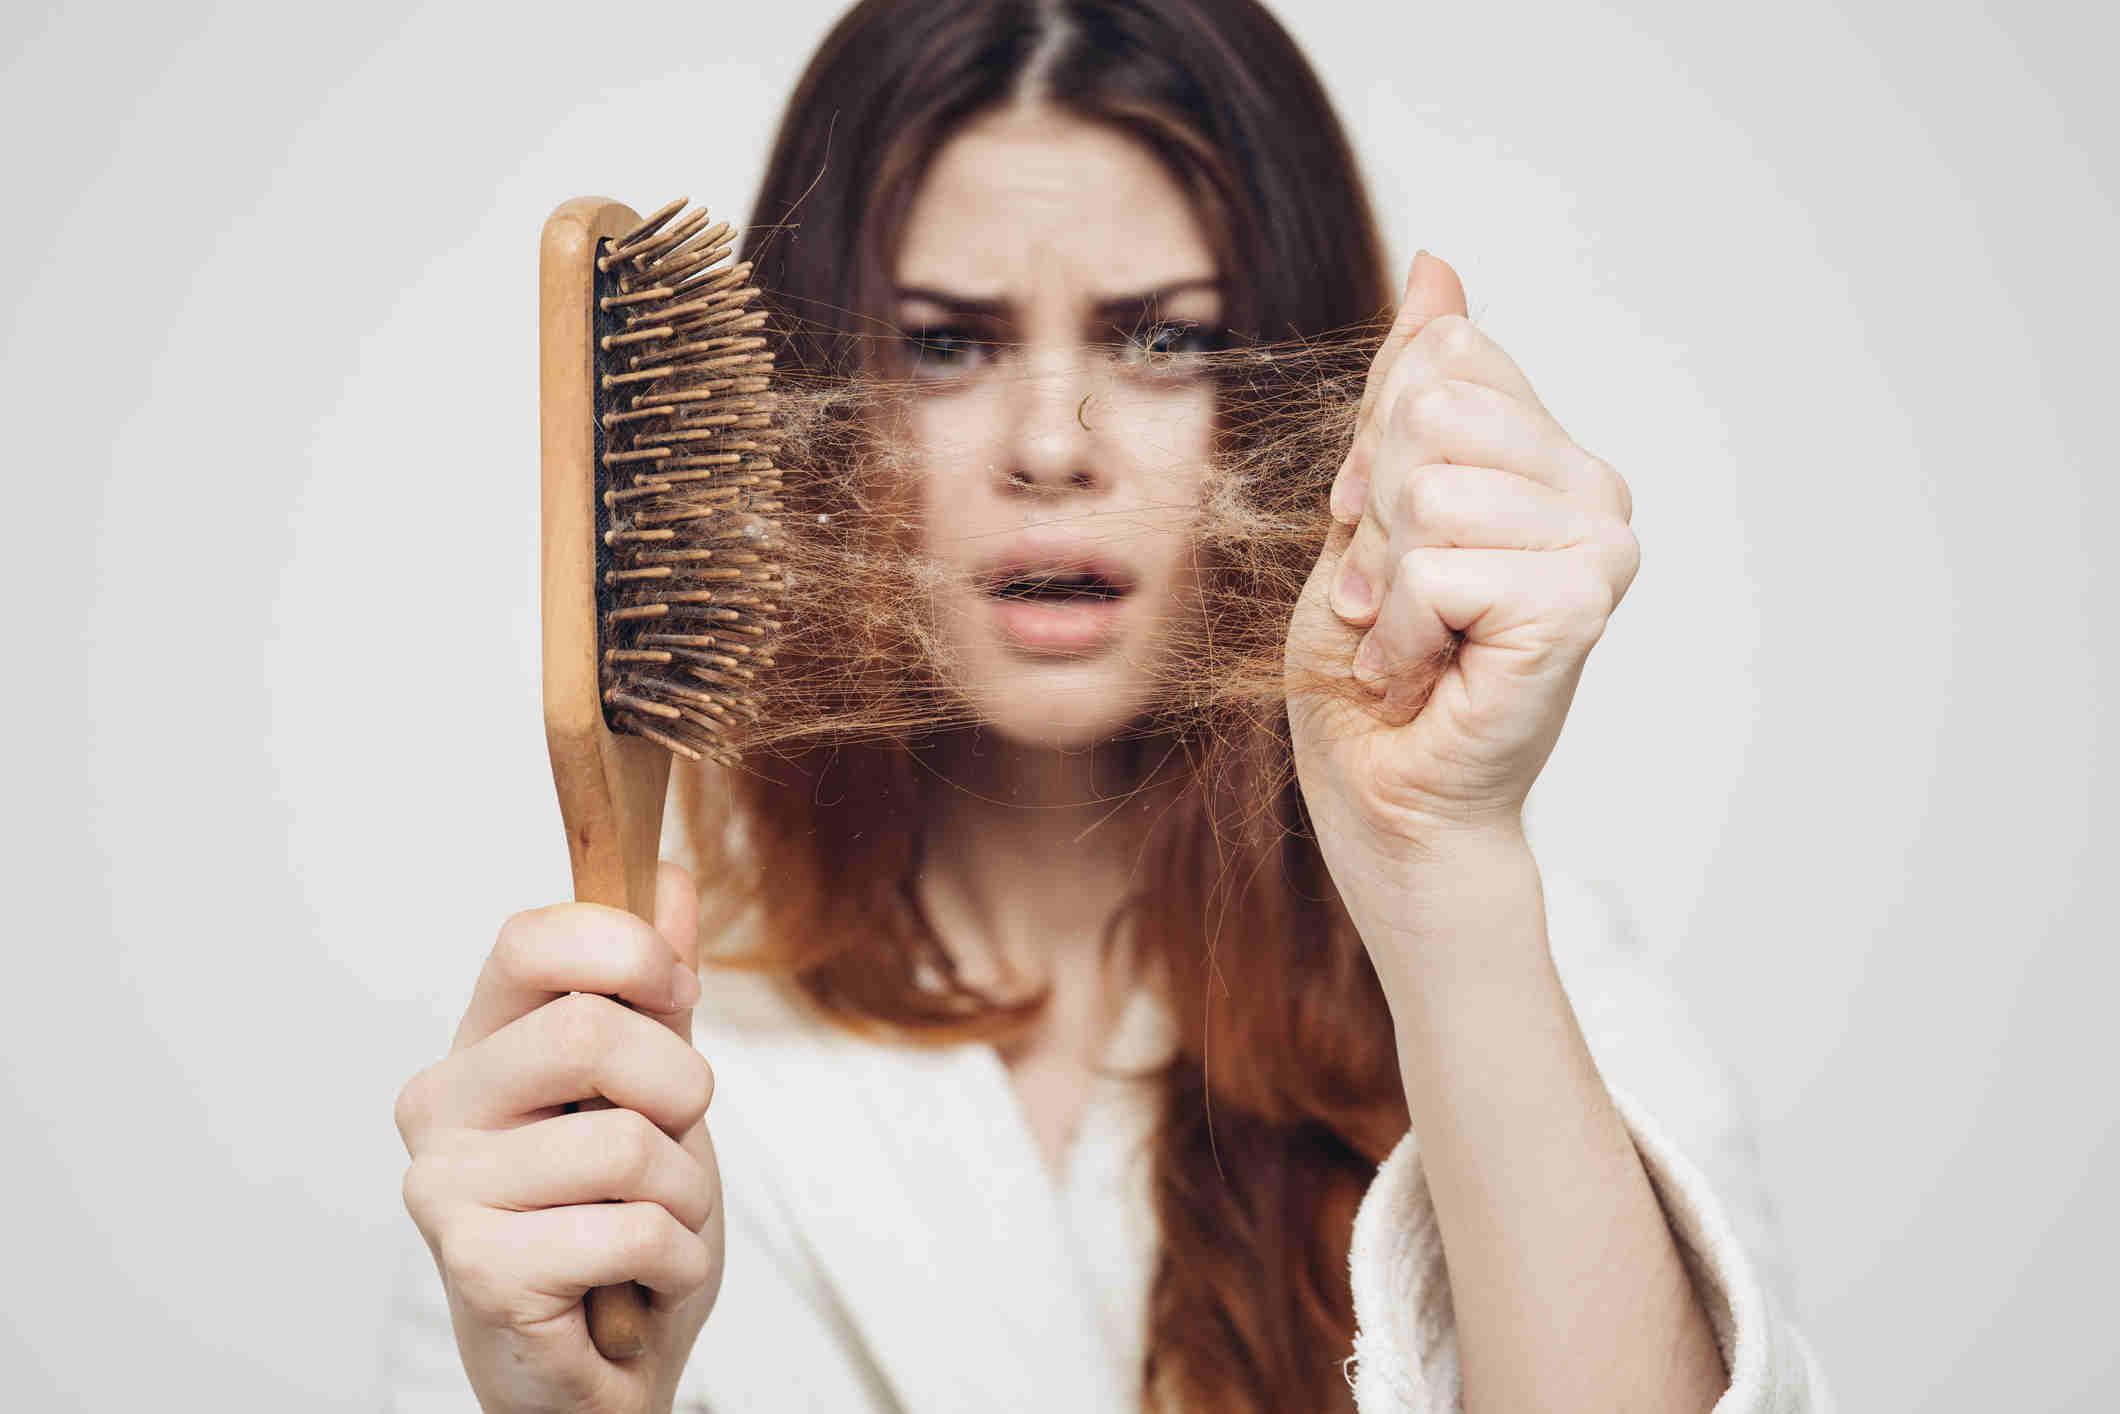 وفي حين أن بعض تساقط الشعر أمر طبيعي، يجب عليك مناقشة المشكلة مع طبيبك إذا كانت شديدة أو تزعجك.